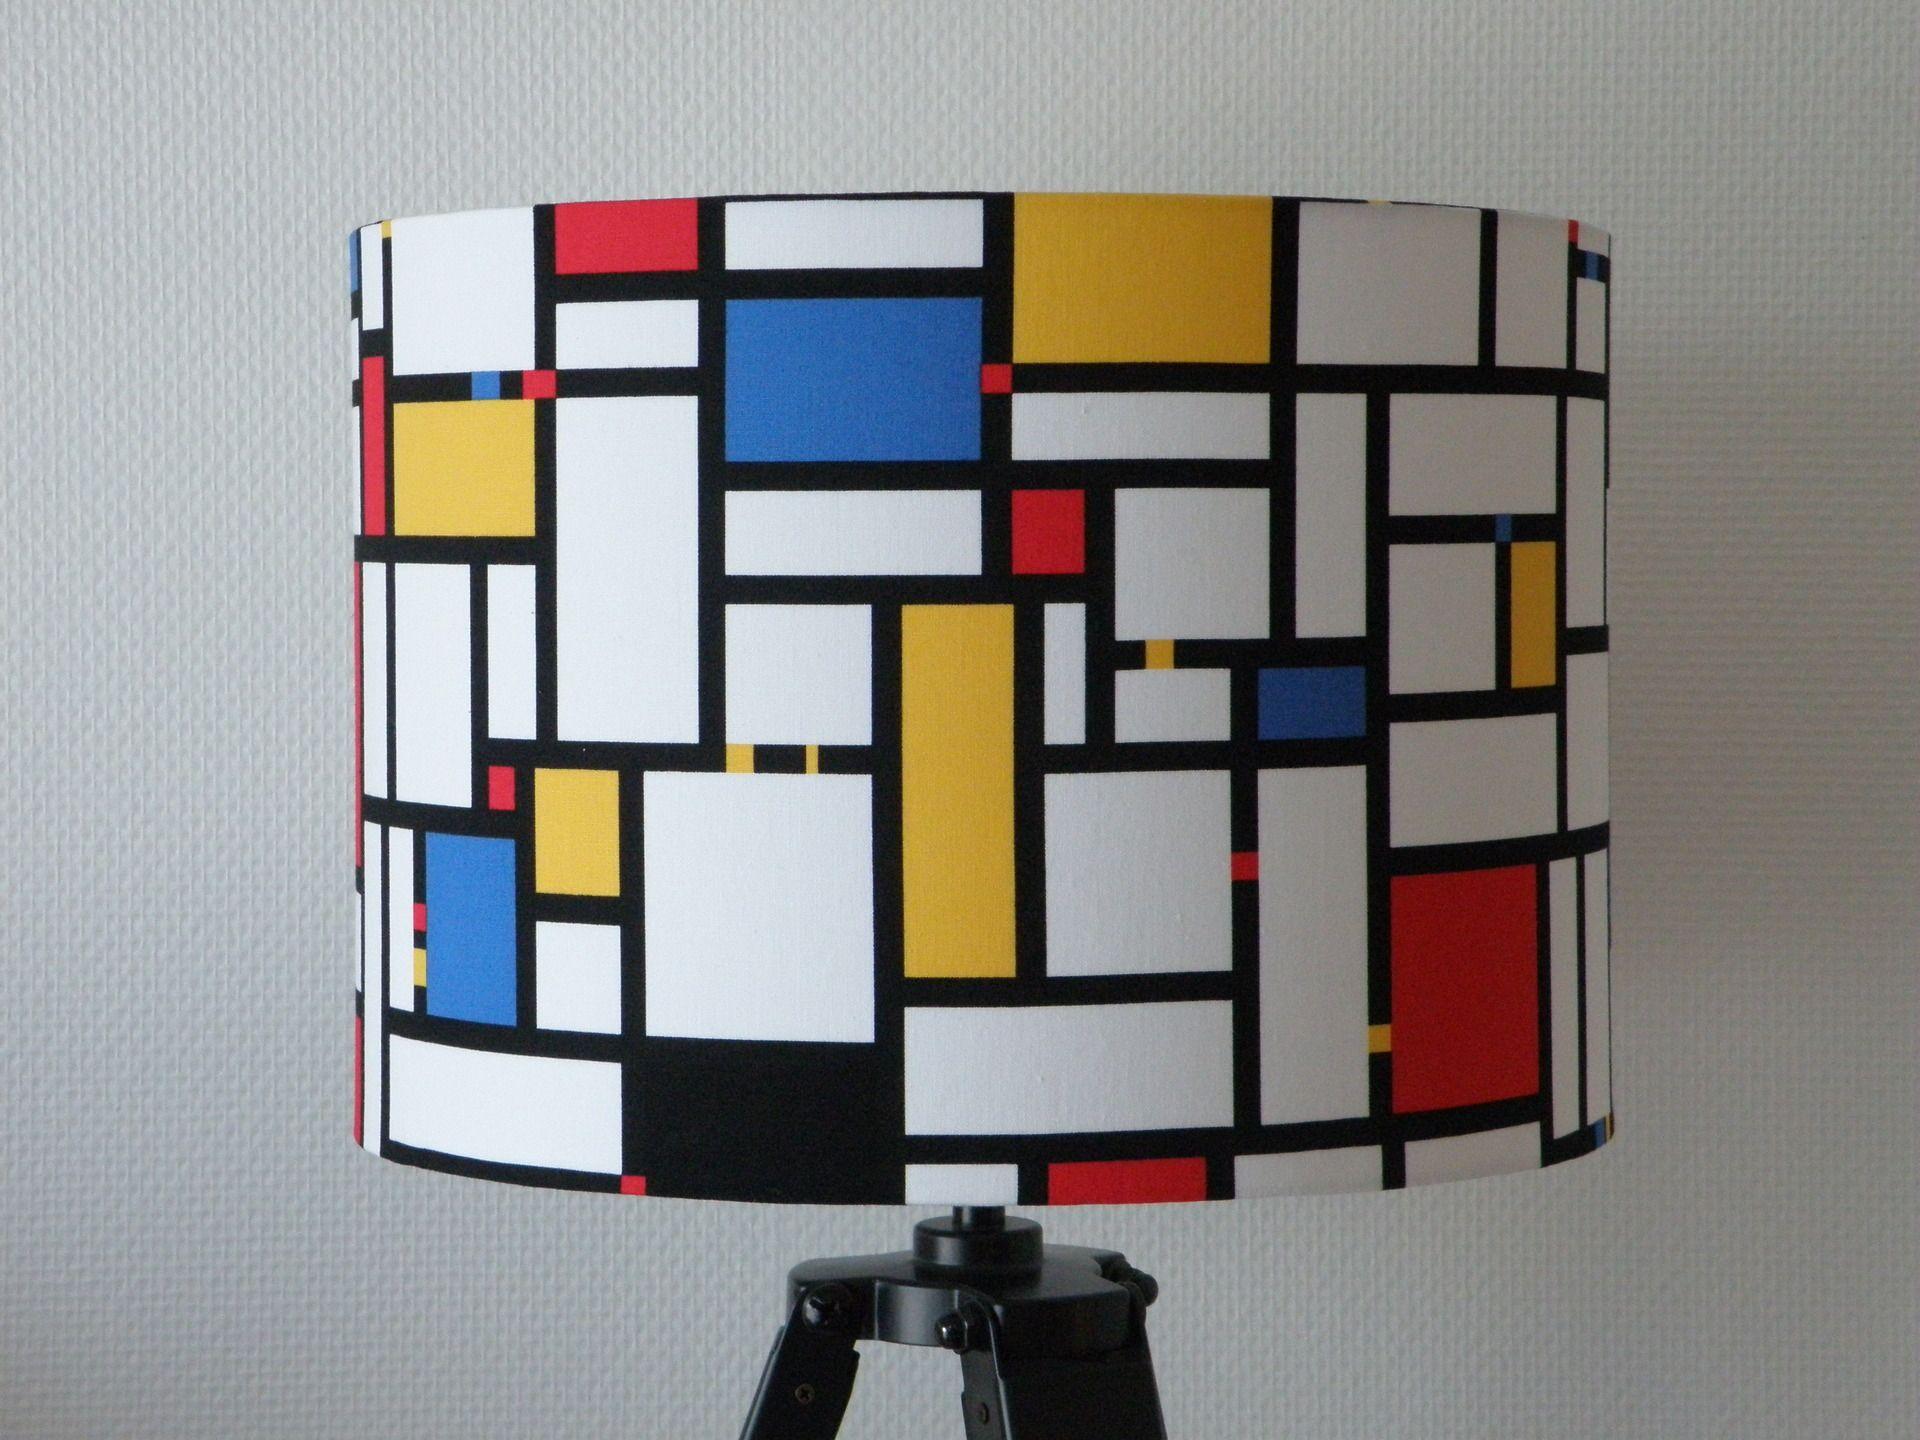 abat jour tissu composition mondrian pour pied de lampe ou pour suspension luminaires par anne. Black Bedroom Furniture Sets. Home Design Ideas